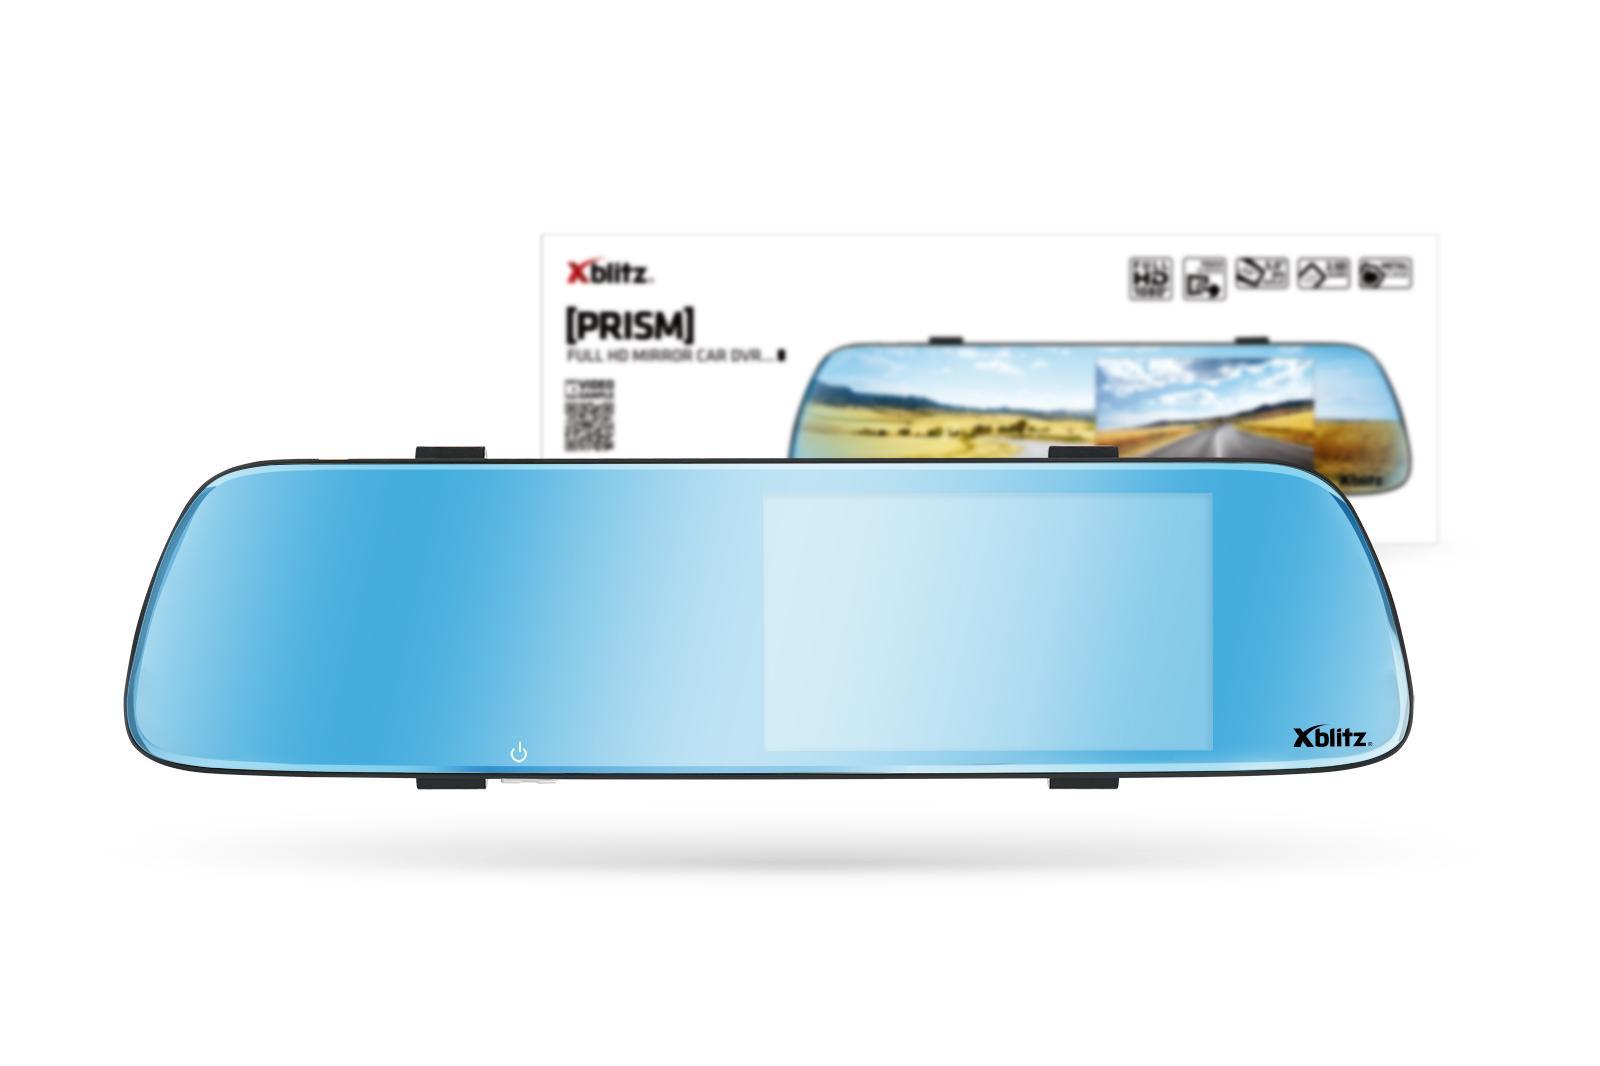 Caméra de bord XBLITZ PRISM connaissances d'experts